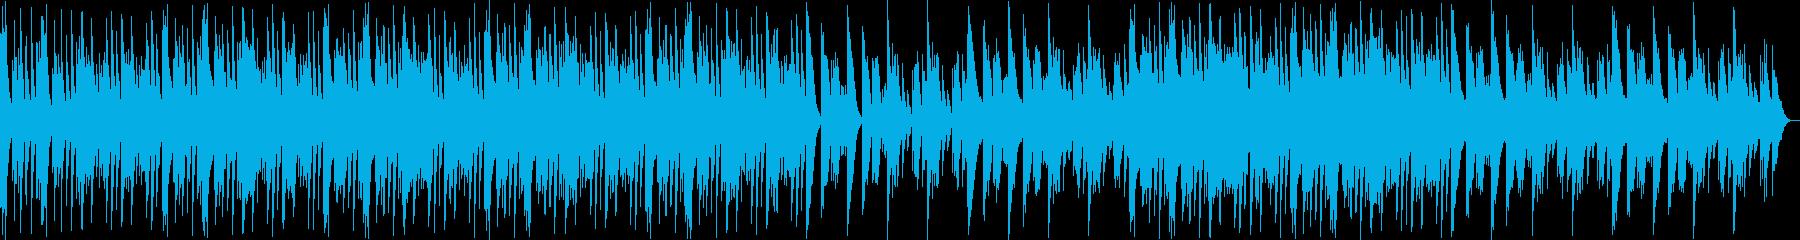 ウェット感のある優しいシンセサイザーの音の再生済みの波形